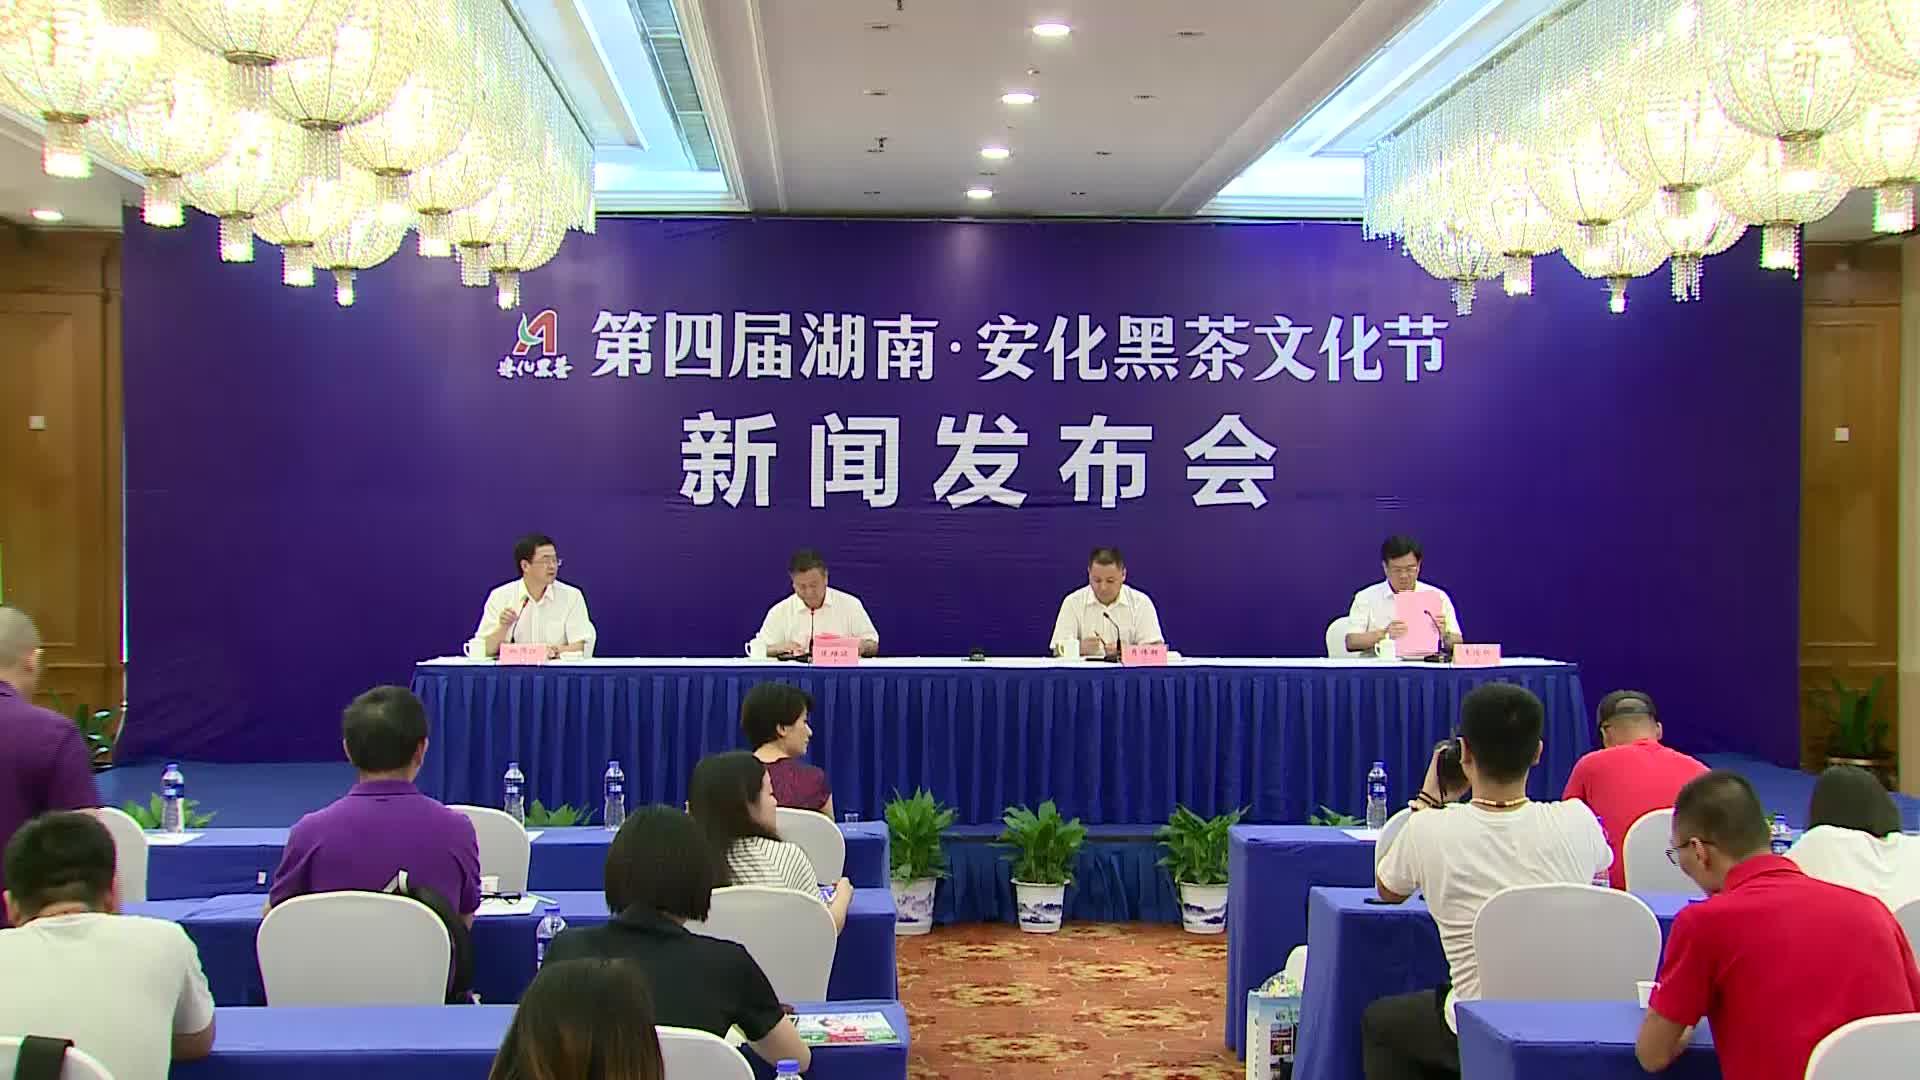 【全程回放】2018年第四届湖南•安化黑茶文化节新闻发布会